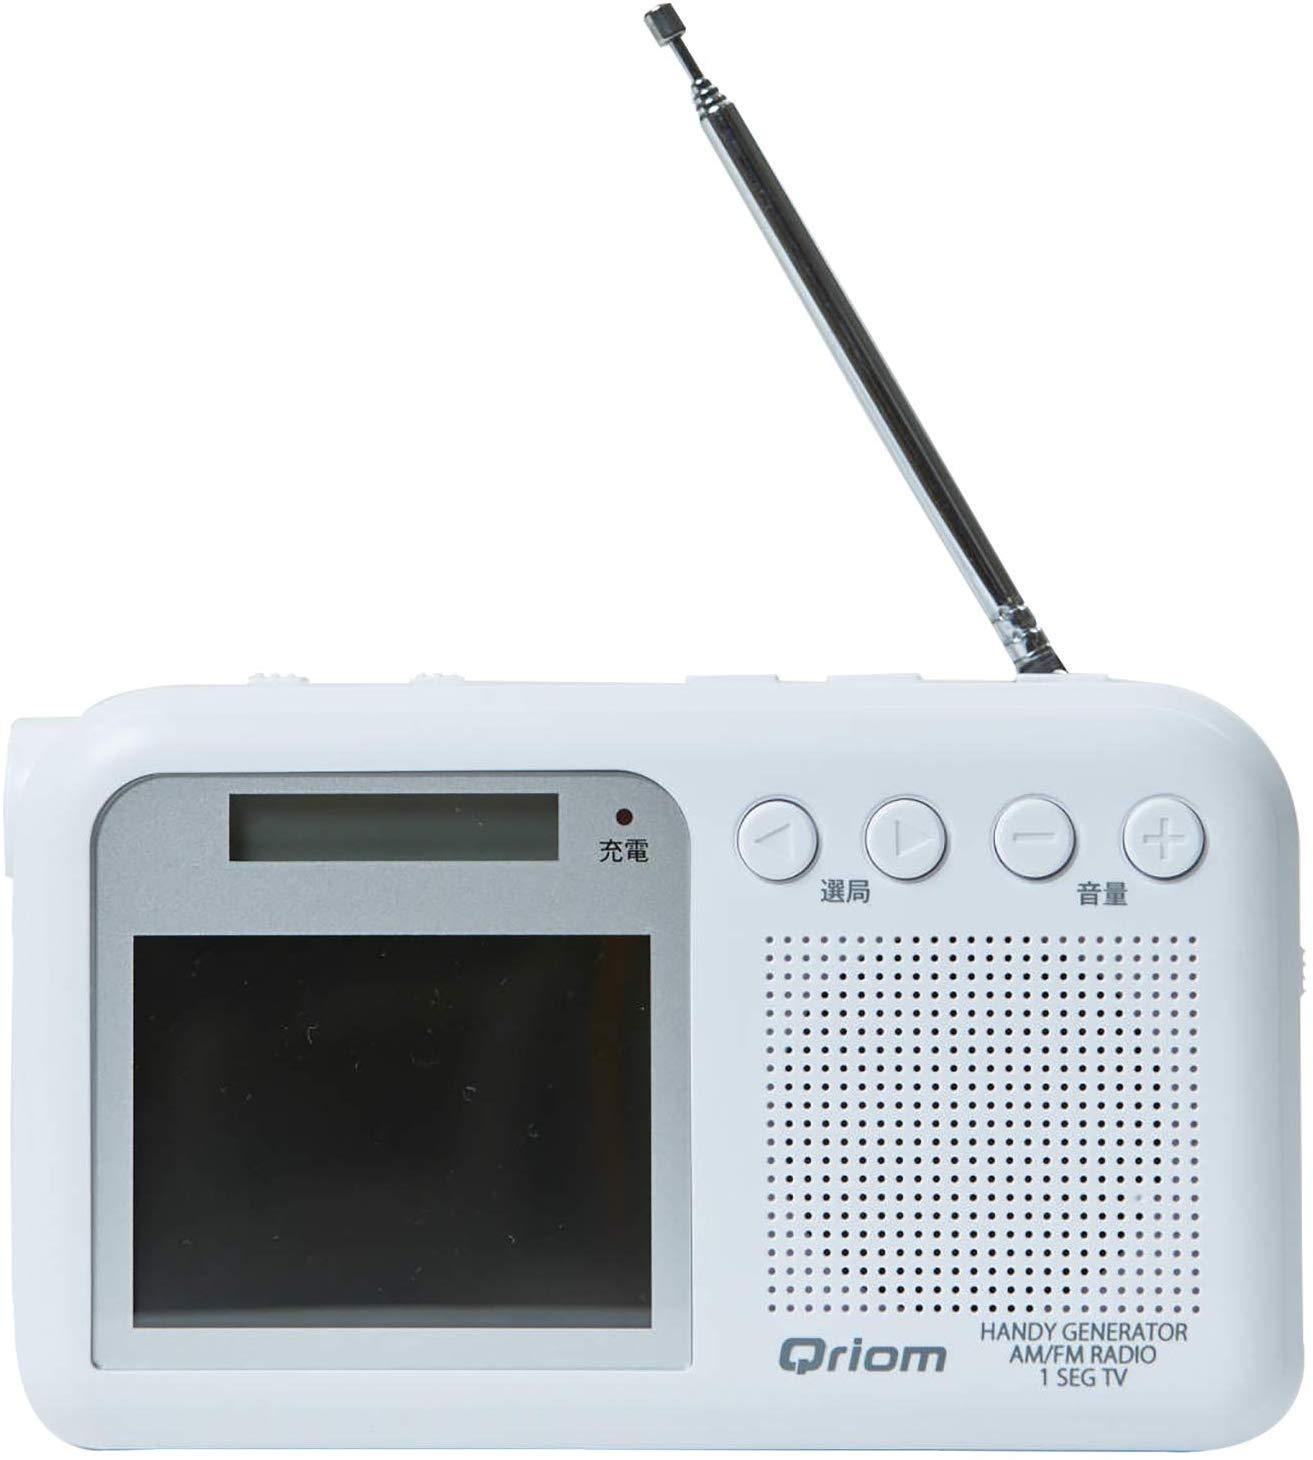 防災ラジオのおすすめ10選!スマホの充電もできる【2019年版】